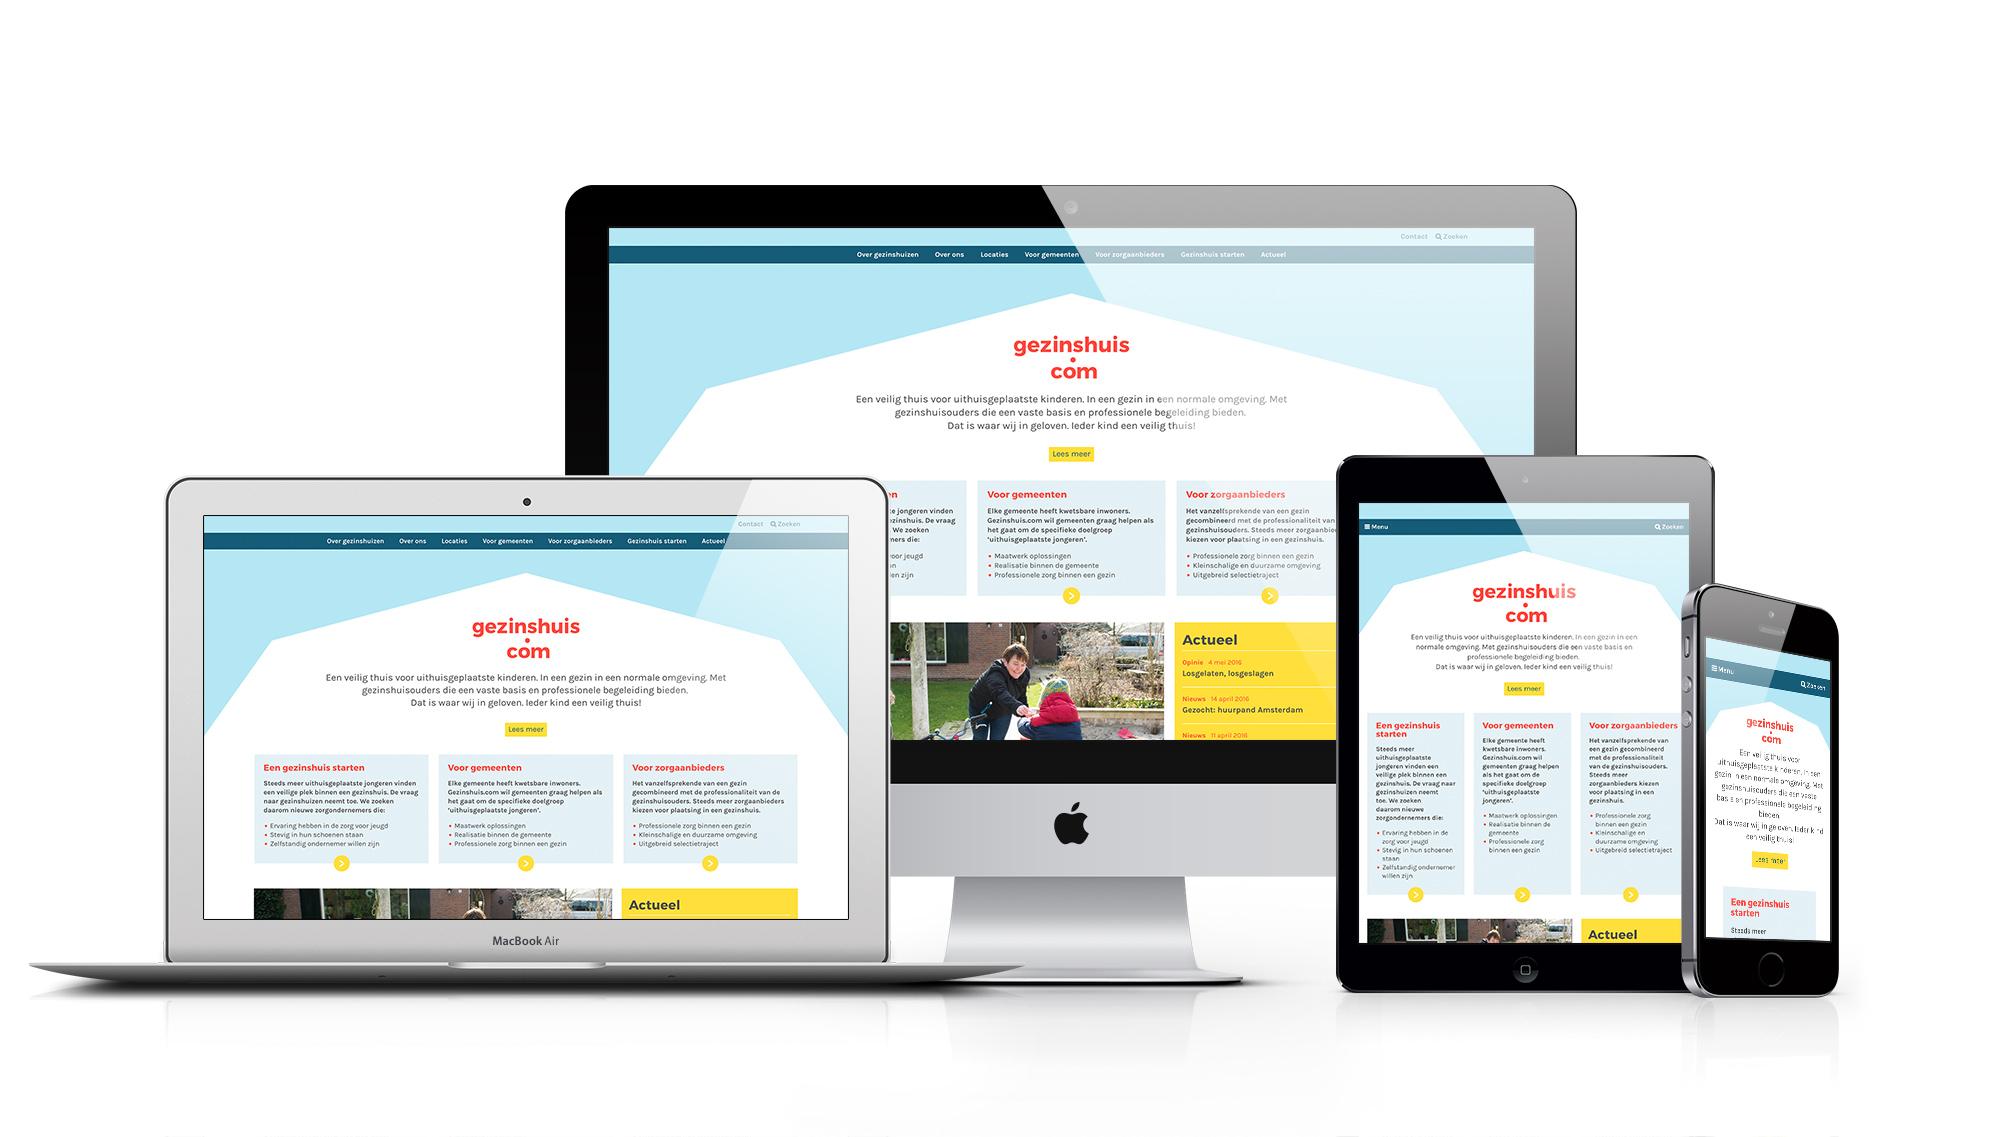 Gezinshuis.com website responsive